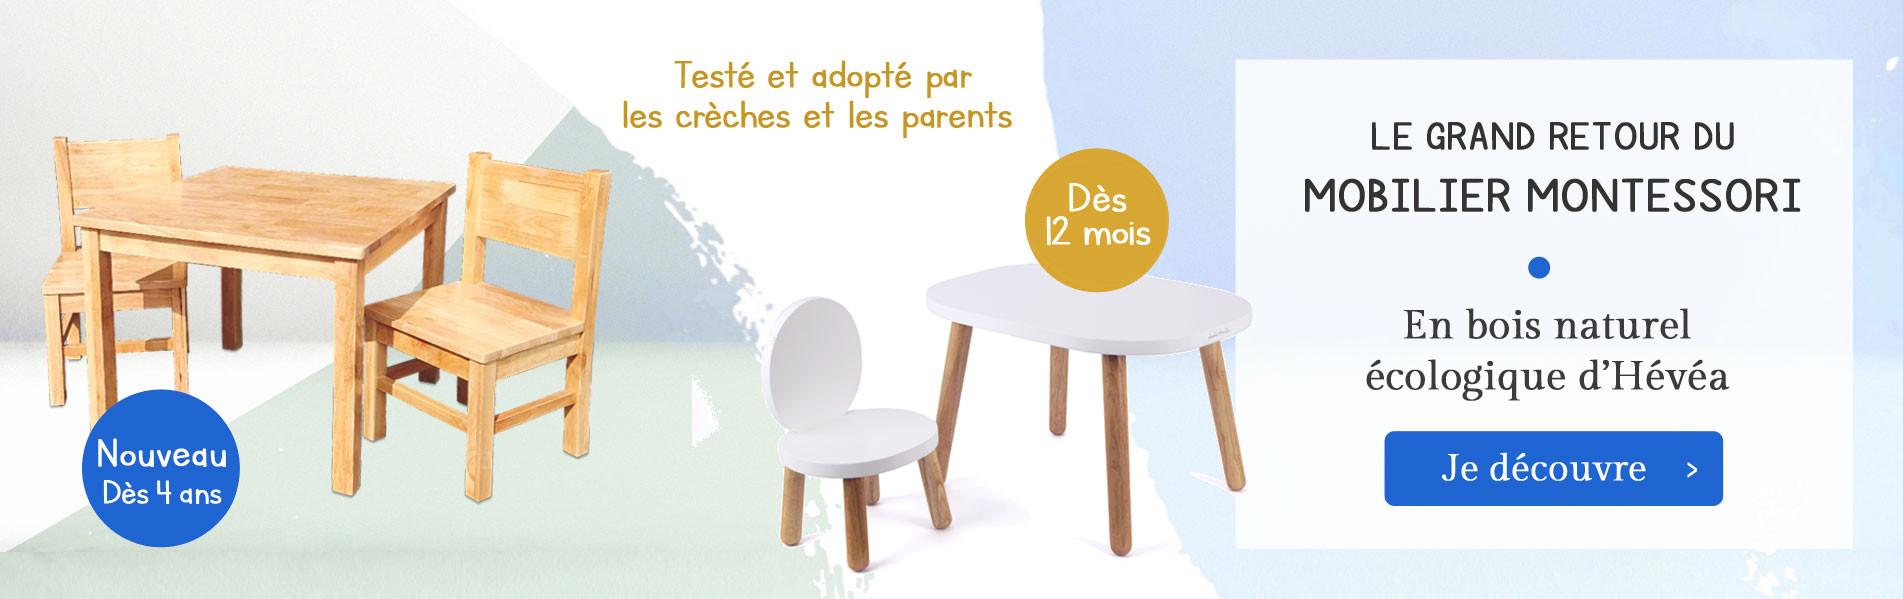 Le retour du mobilier montessori